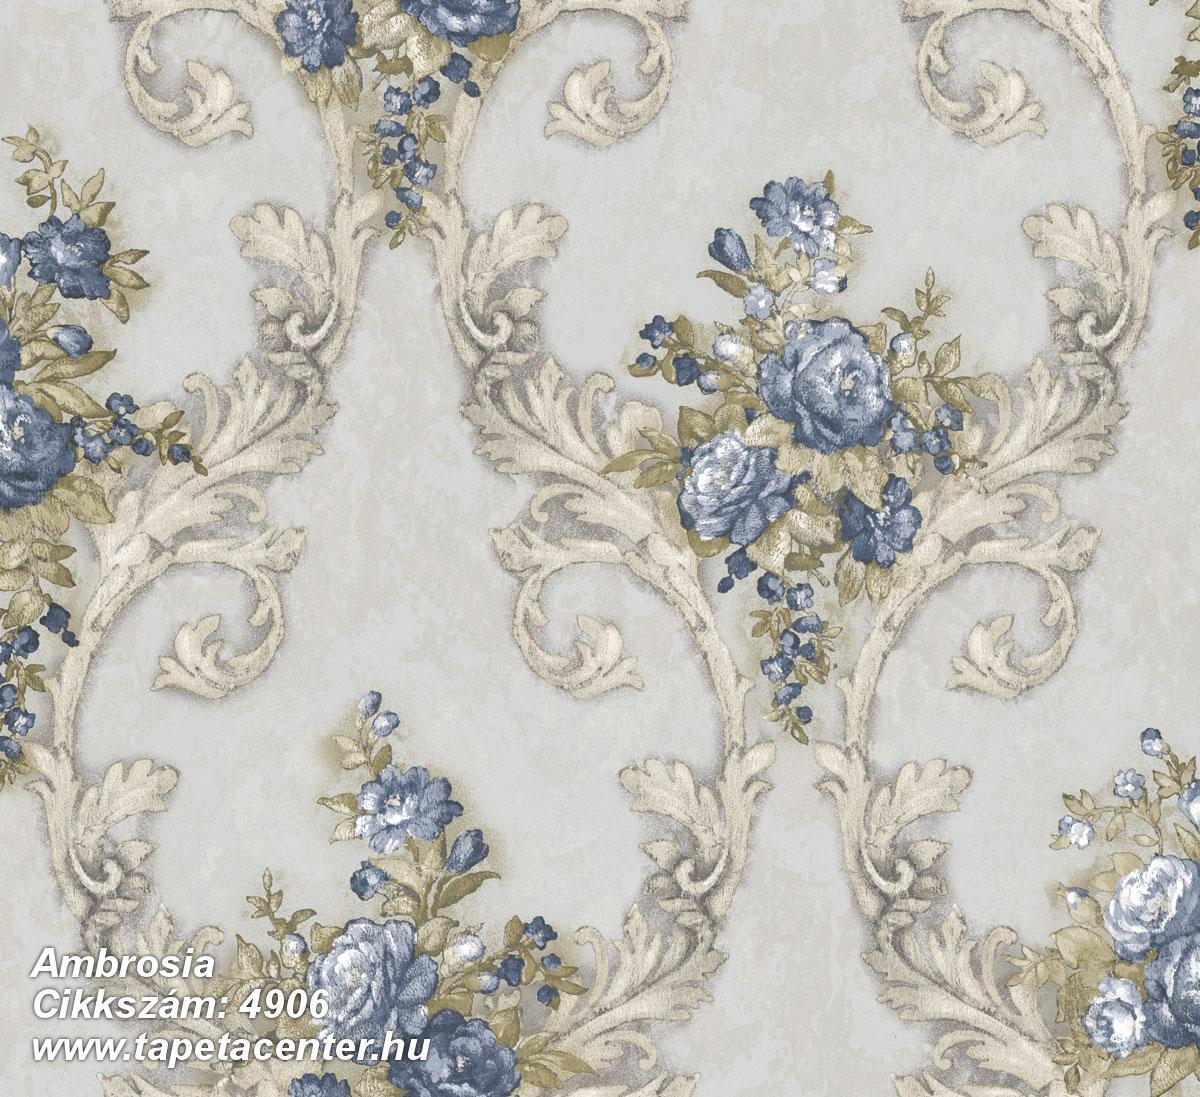 Barokk-klasszikus,természeti mintás,textil hatású,virágmintás,arany,barna,fehér,kék,szürke,súrolható,vlies tapéta